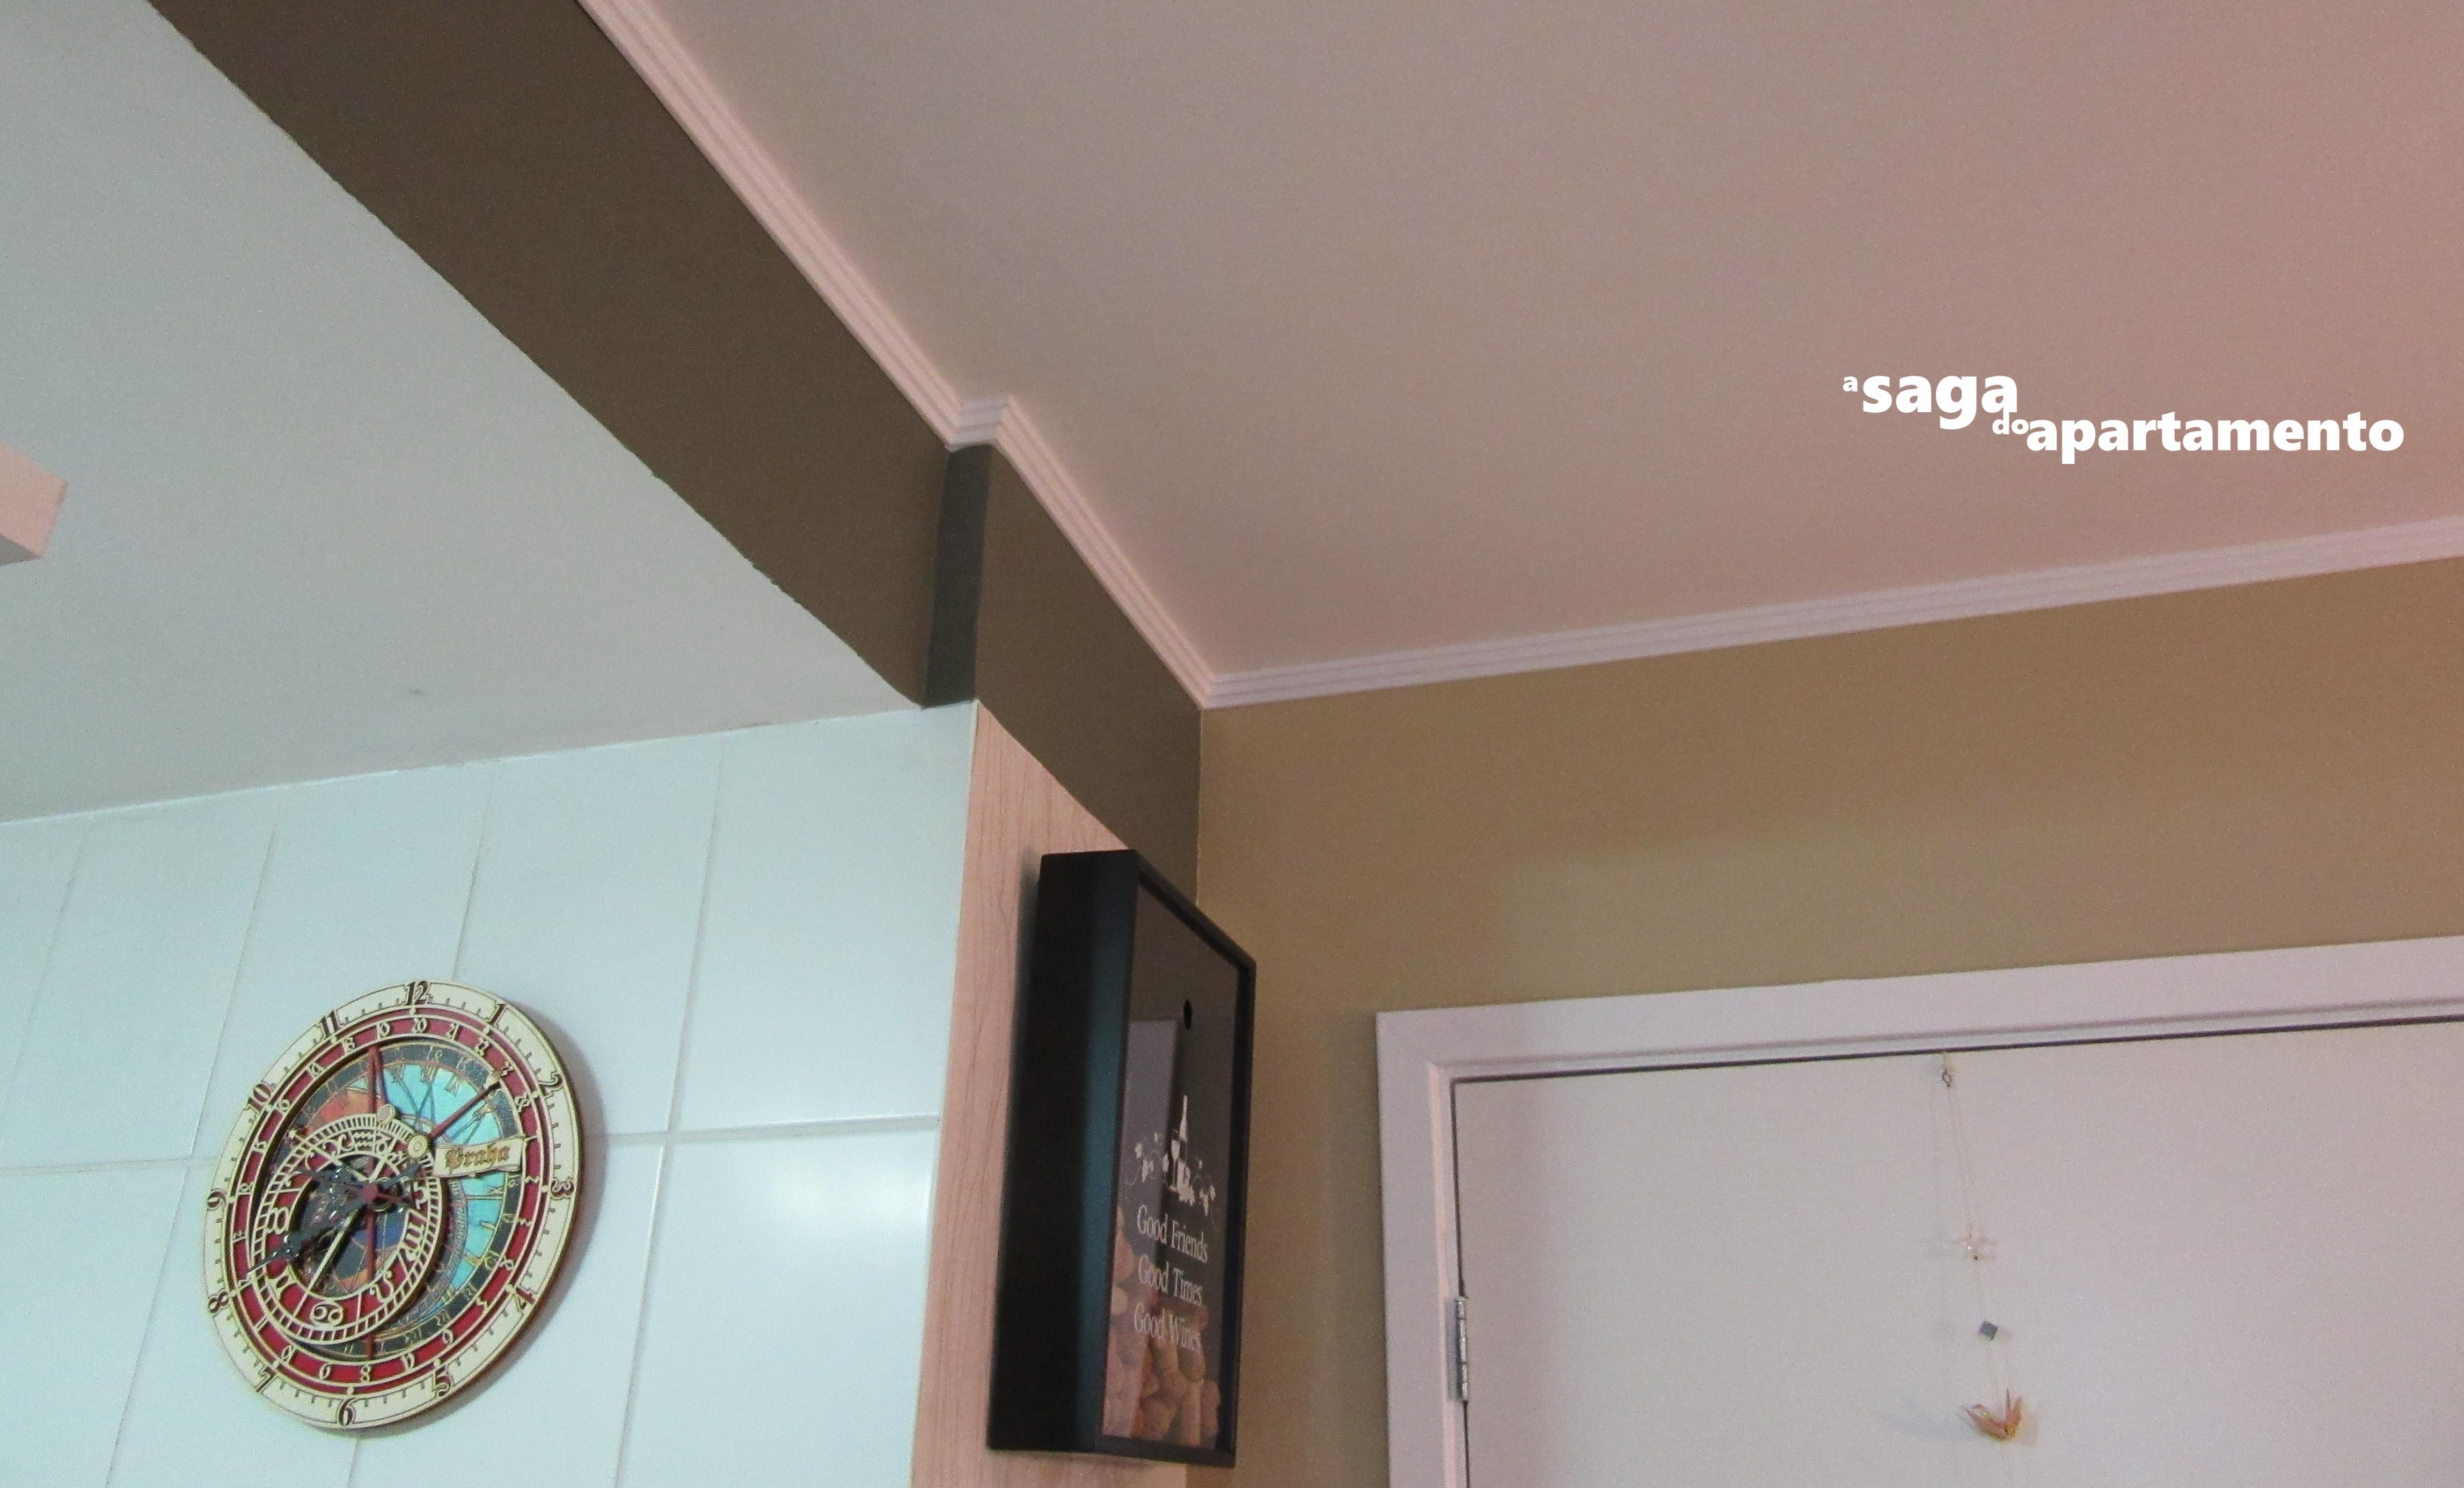 Paredes Coloridas A Saga Do Apartamento ~ Armario Quarto Branco Com Parede Colorida Quarto